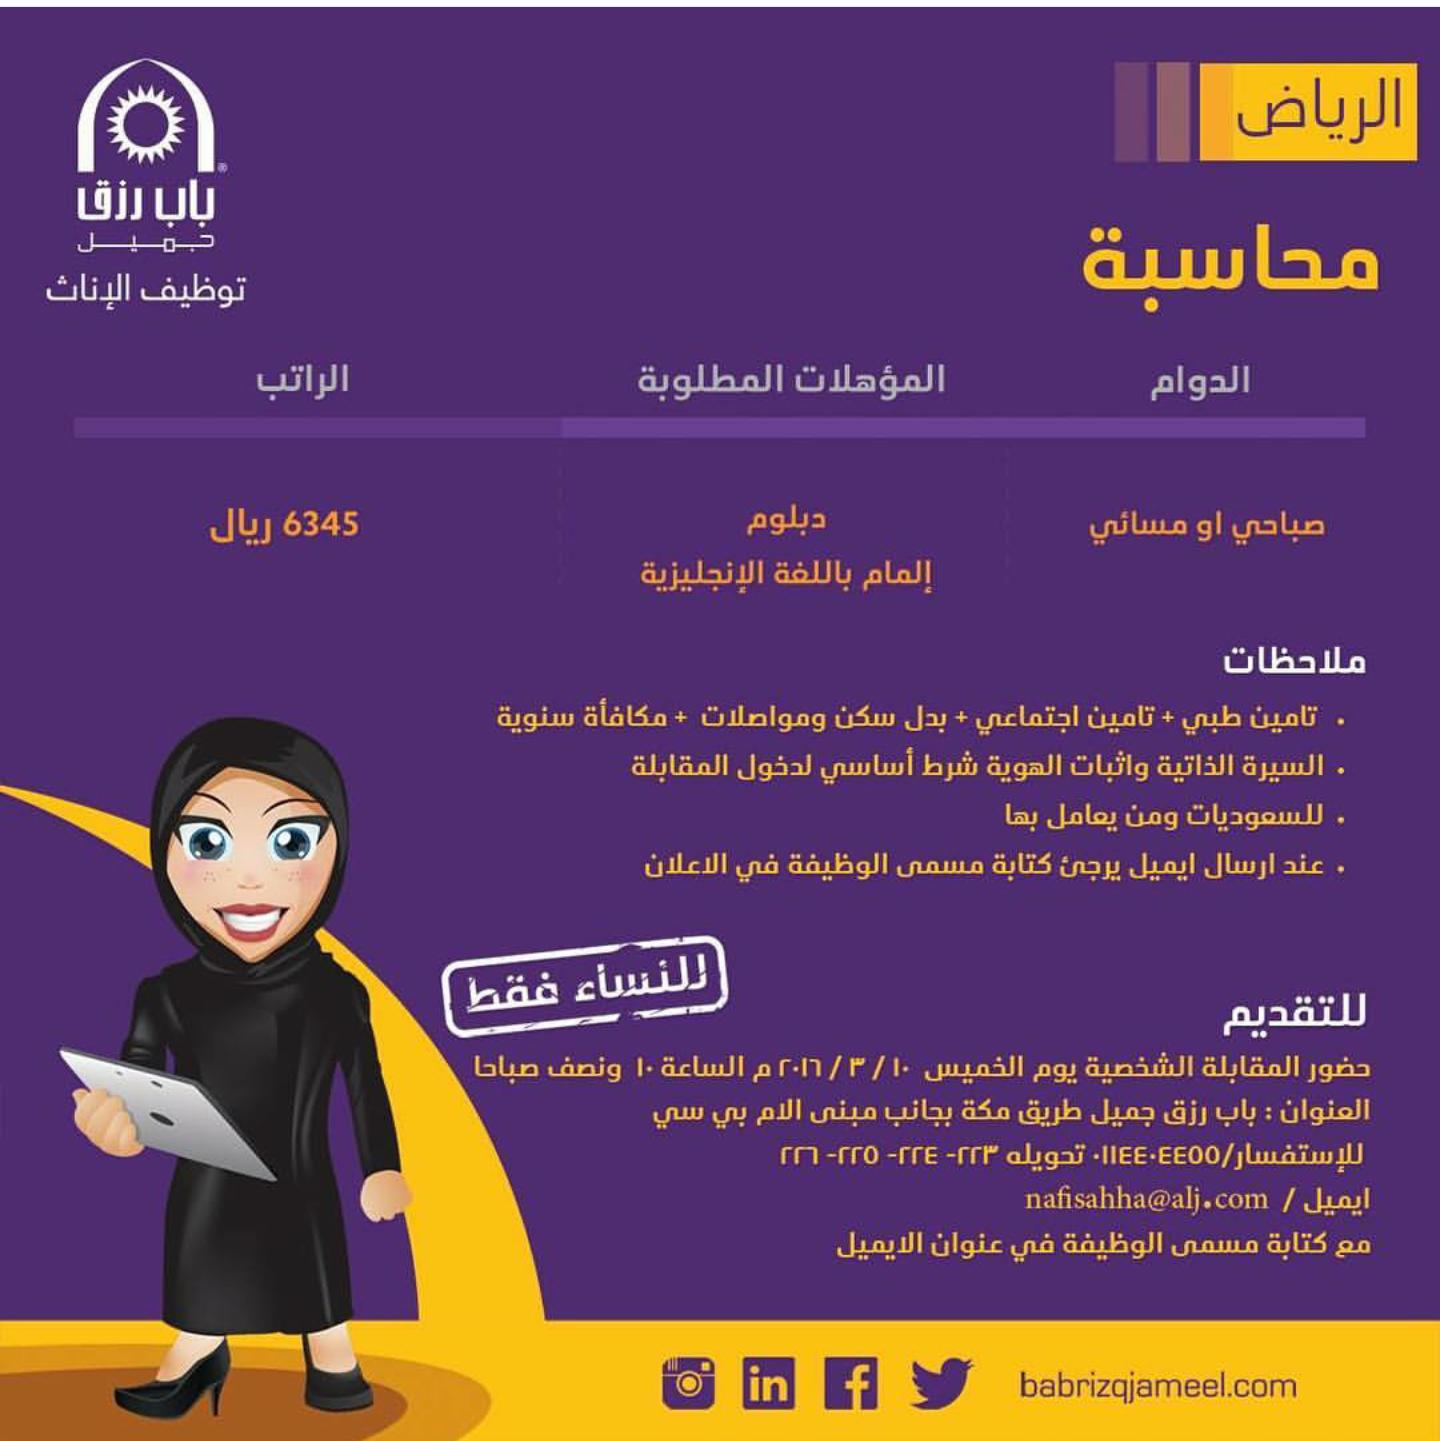 غدا الخميس التقديم على وظيفة محاسبة نسائية - الرياض